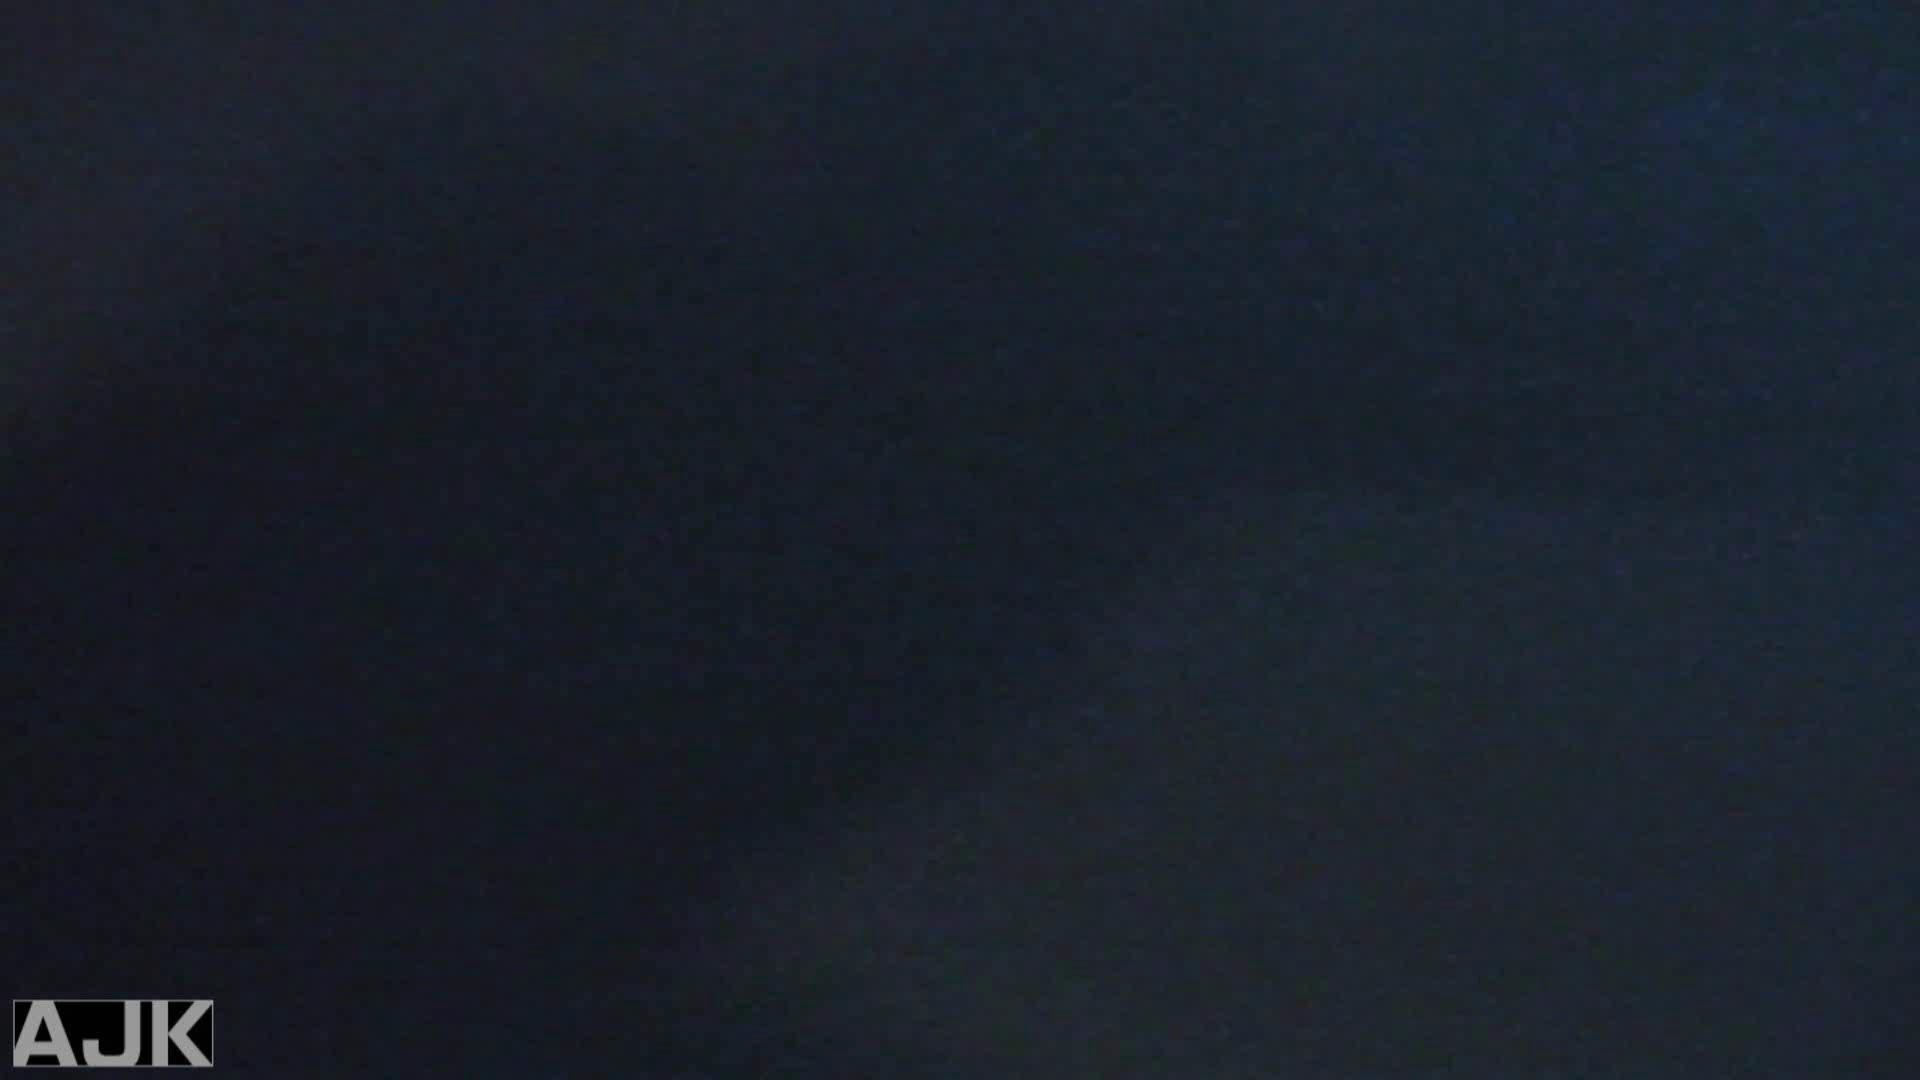 神降臨!史上最強の潜入かわや! vol.24 潜入シリーズ | オマンコ  97pic 47